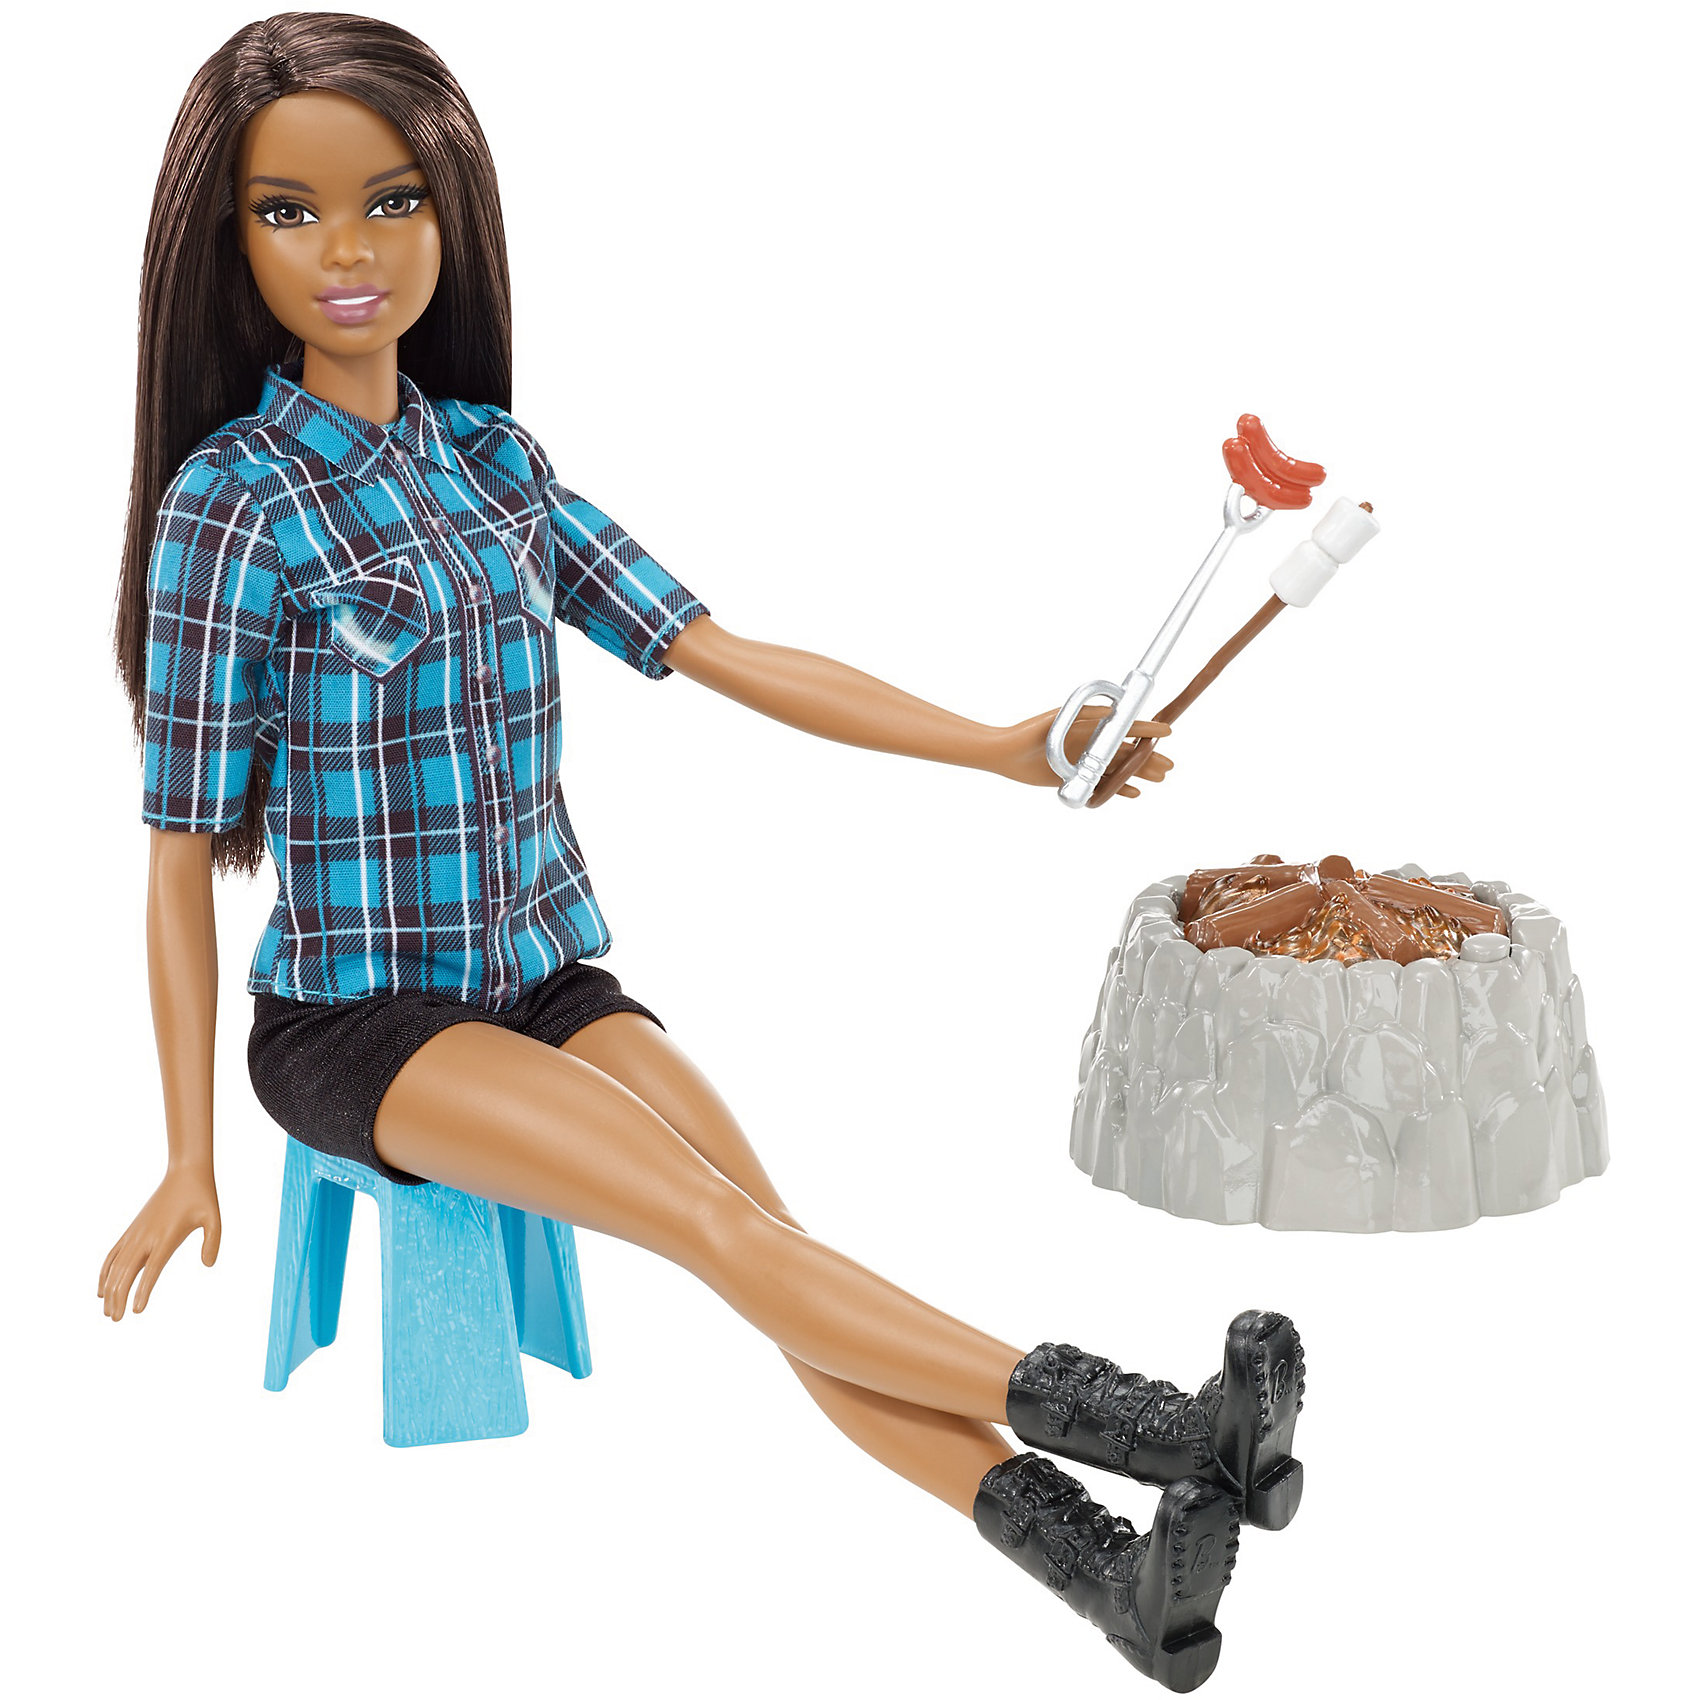 Кукла у костра Barbie БрюнеткаПопулярные игрушки<br>Характеристики товара:<br><br>• возраст: от 3 лет<br>• материал: пластик;<br>• высота куклы: 28-30 см;<br>• размер упаковки: 31X25X7 см;<br>• страна бренда: США<br>• страна изготовоитель: Китай<br><br>Отправляйся в поход вместе с Barbie®. Как приятно посидеть у костра и слушать как потрескивает в нем полено.<br><br>Костер с реалистичными звуками и подсветкой. Нужно лишь нажать кнопку на костре (она замаскирована под камень), чтобы добавить искорку в игру. <br><br>Barbie® может разложить свой походный стул, приготовить на костре еду и рассказать историю. Хот-дог и зефир— классические походные лакомства. Каждое блюдо нанизано на палочку, которую Barbie® может держать в руке. <br><br>Куклу у костра Barbie можно купить в нашем интернет-магазине.<br><br>Отправляйся в поход вместе с Barbie®! У каждой в наборе костер с реалистичными звуками и подсветкой. Это так весело! Просто нажми кнопку на костре (она замаскирована под камень), чтобы добавить искорку в игру. Barbie® может разложить свой походный стул, приготовить на костре еду и рассказать историю. Хот-дог и зефир— классические походные лакомства. Каждое блюдо нанизано на палочку, которую Barbie® может держать в руке. Barbie®, одетая в клетчатую рубашку, шорты и сапоги, готова насладиться прогулкой на природе. Собери всех кукол Barbie® и аксессуары из походной серии для приятной игры на свежем воздухе!<br><br>Ширина мм: 325<br>Глубина мм: 60<br>Высота мм: 205<br>Вес г: 400<br>Возраст от месяцев: 36<br>Возраст до месяцев: 2147483647<br>Пол: Женский<br>Возраст: Детский<br>SKU: 7014668